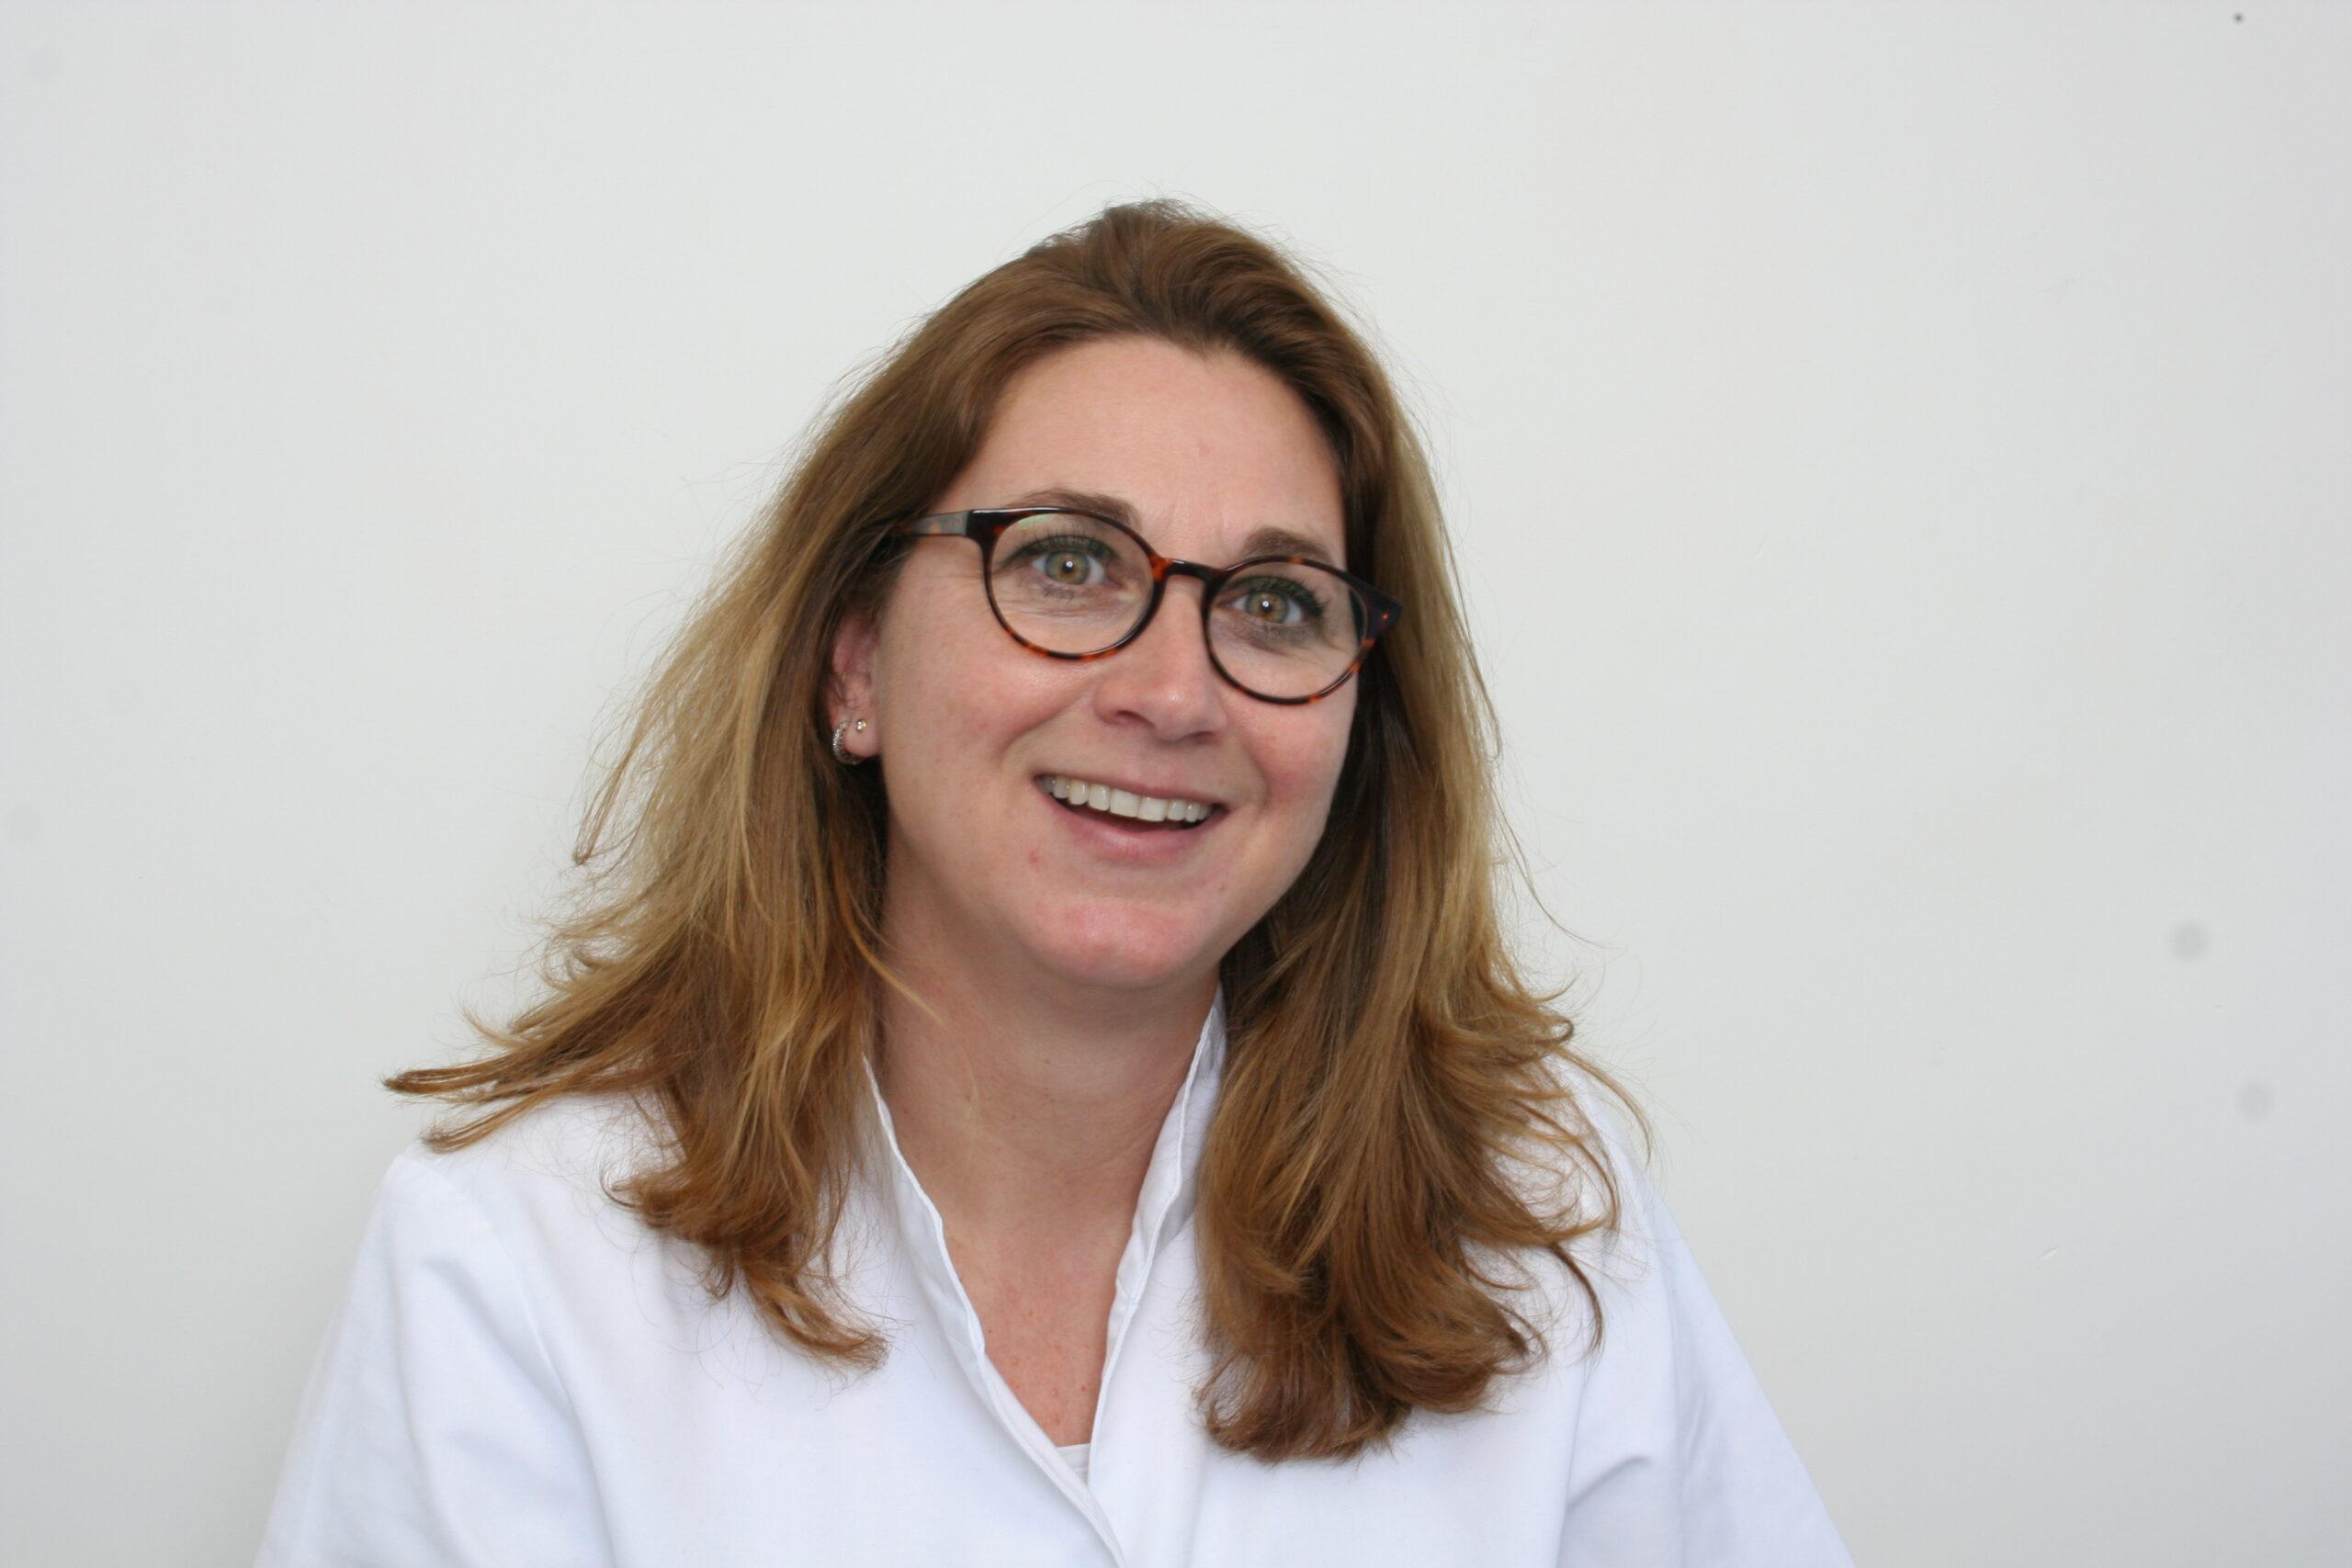 Cécile Schipper